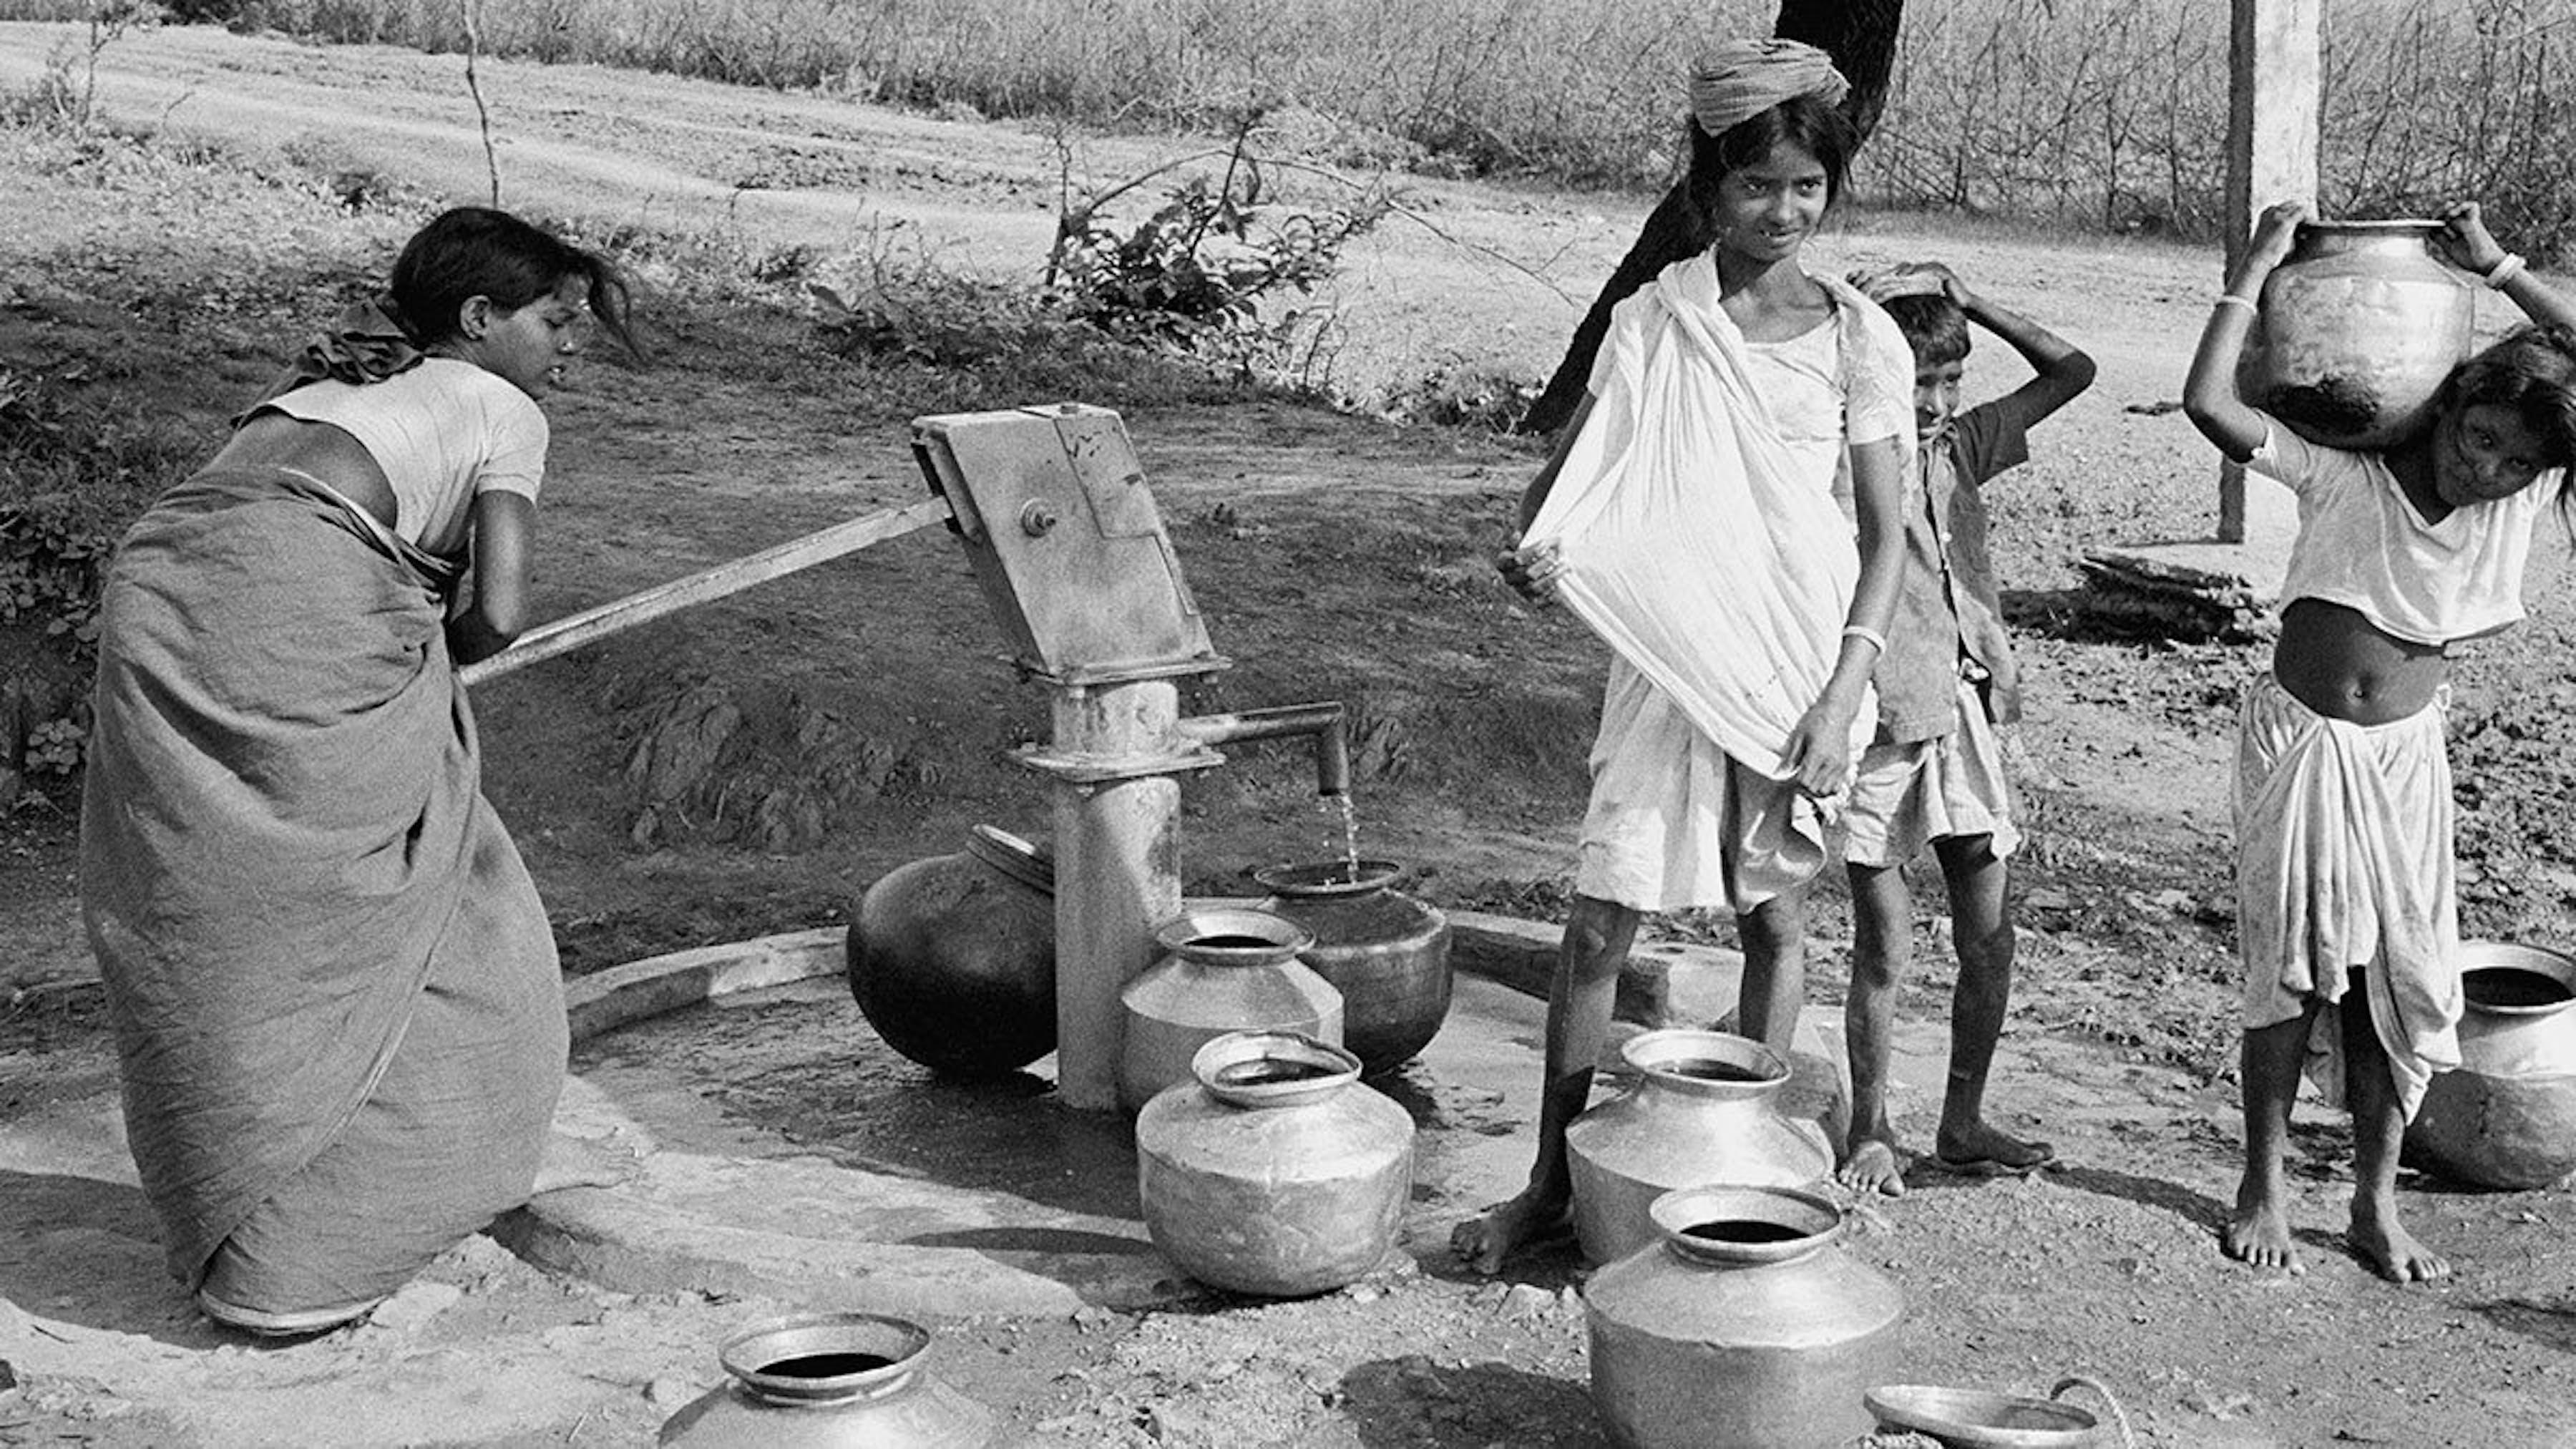 1975, l'invenzione della pompa idrica Mark II trasforma la vita nei villaggi. Qui siamo in un villaggio nello stato meridionale dell'Andhra Pradesh, in India